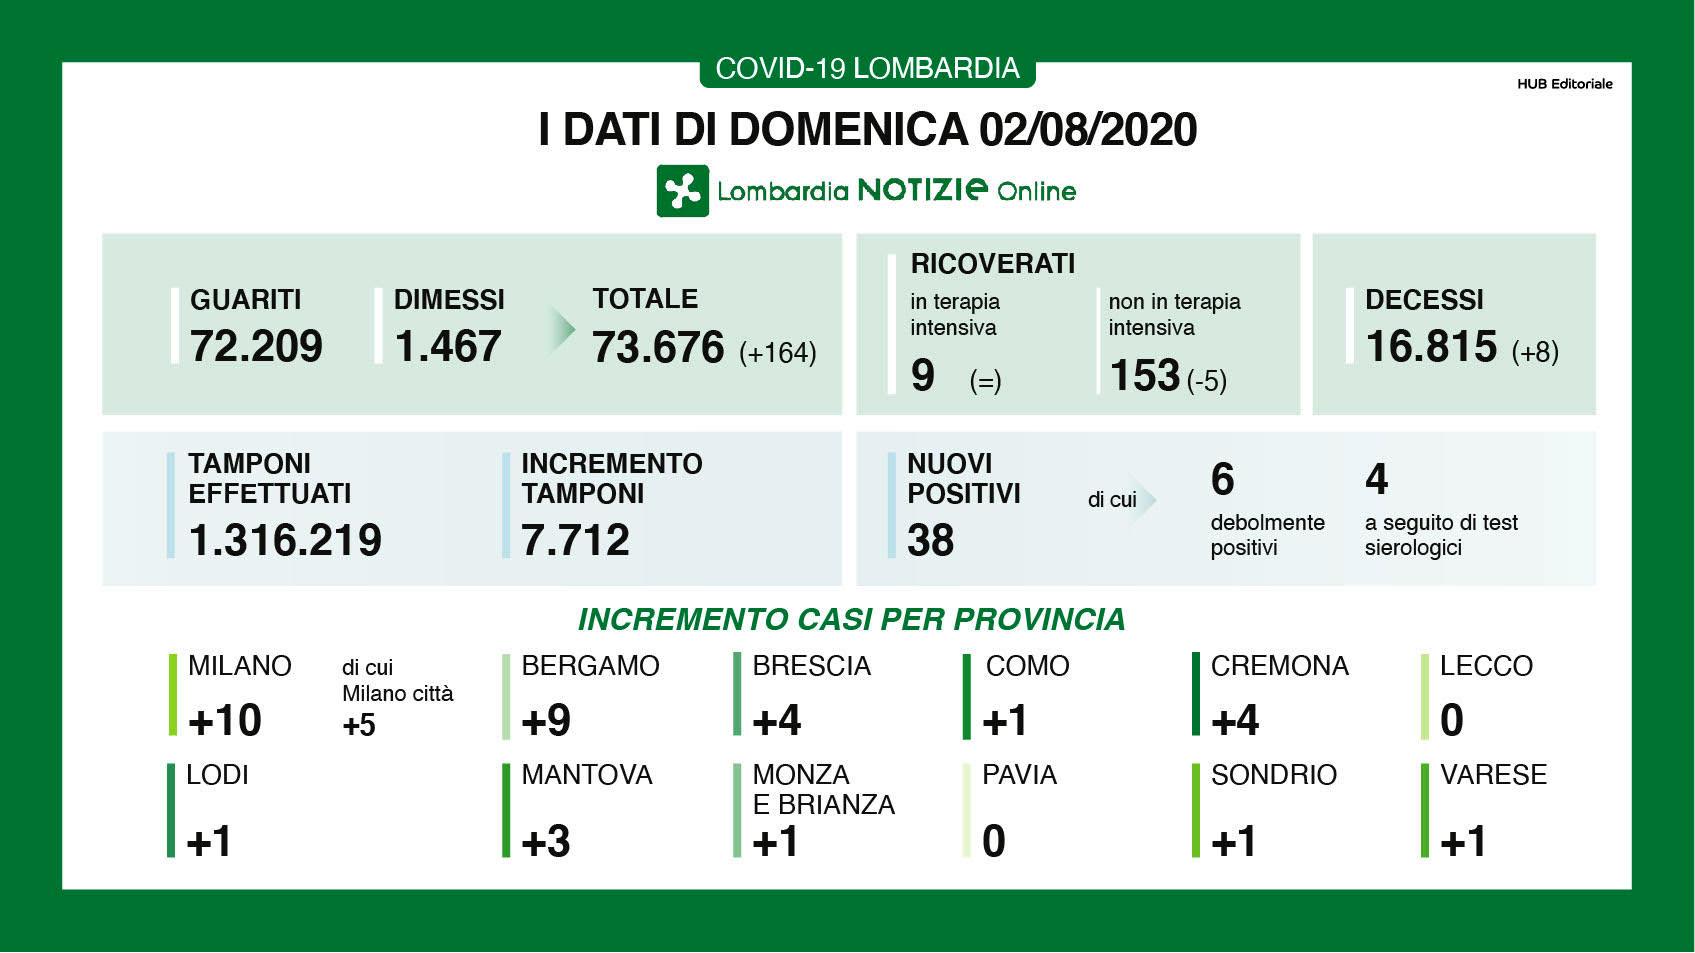 Bollettino contagi covid-19 a Milano e in Lombardia domenica 2 agosto